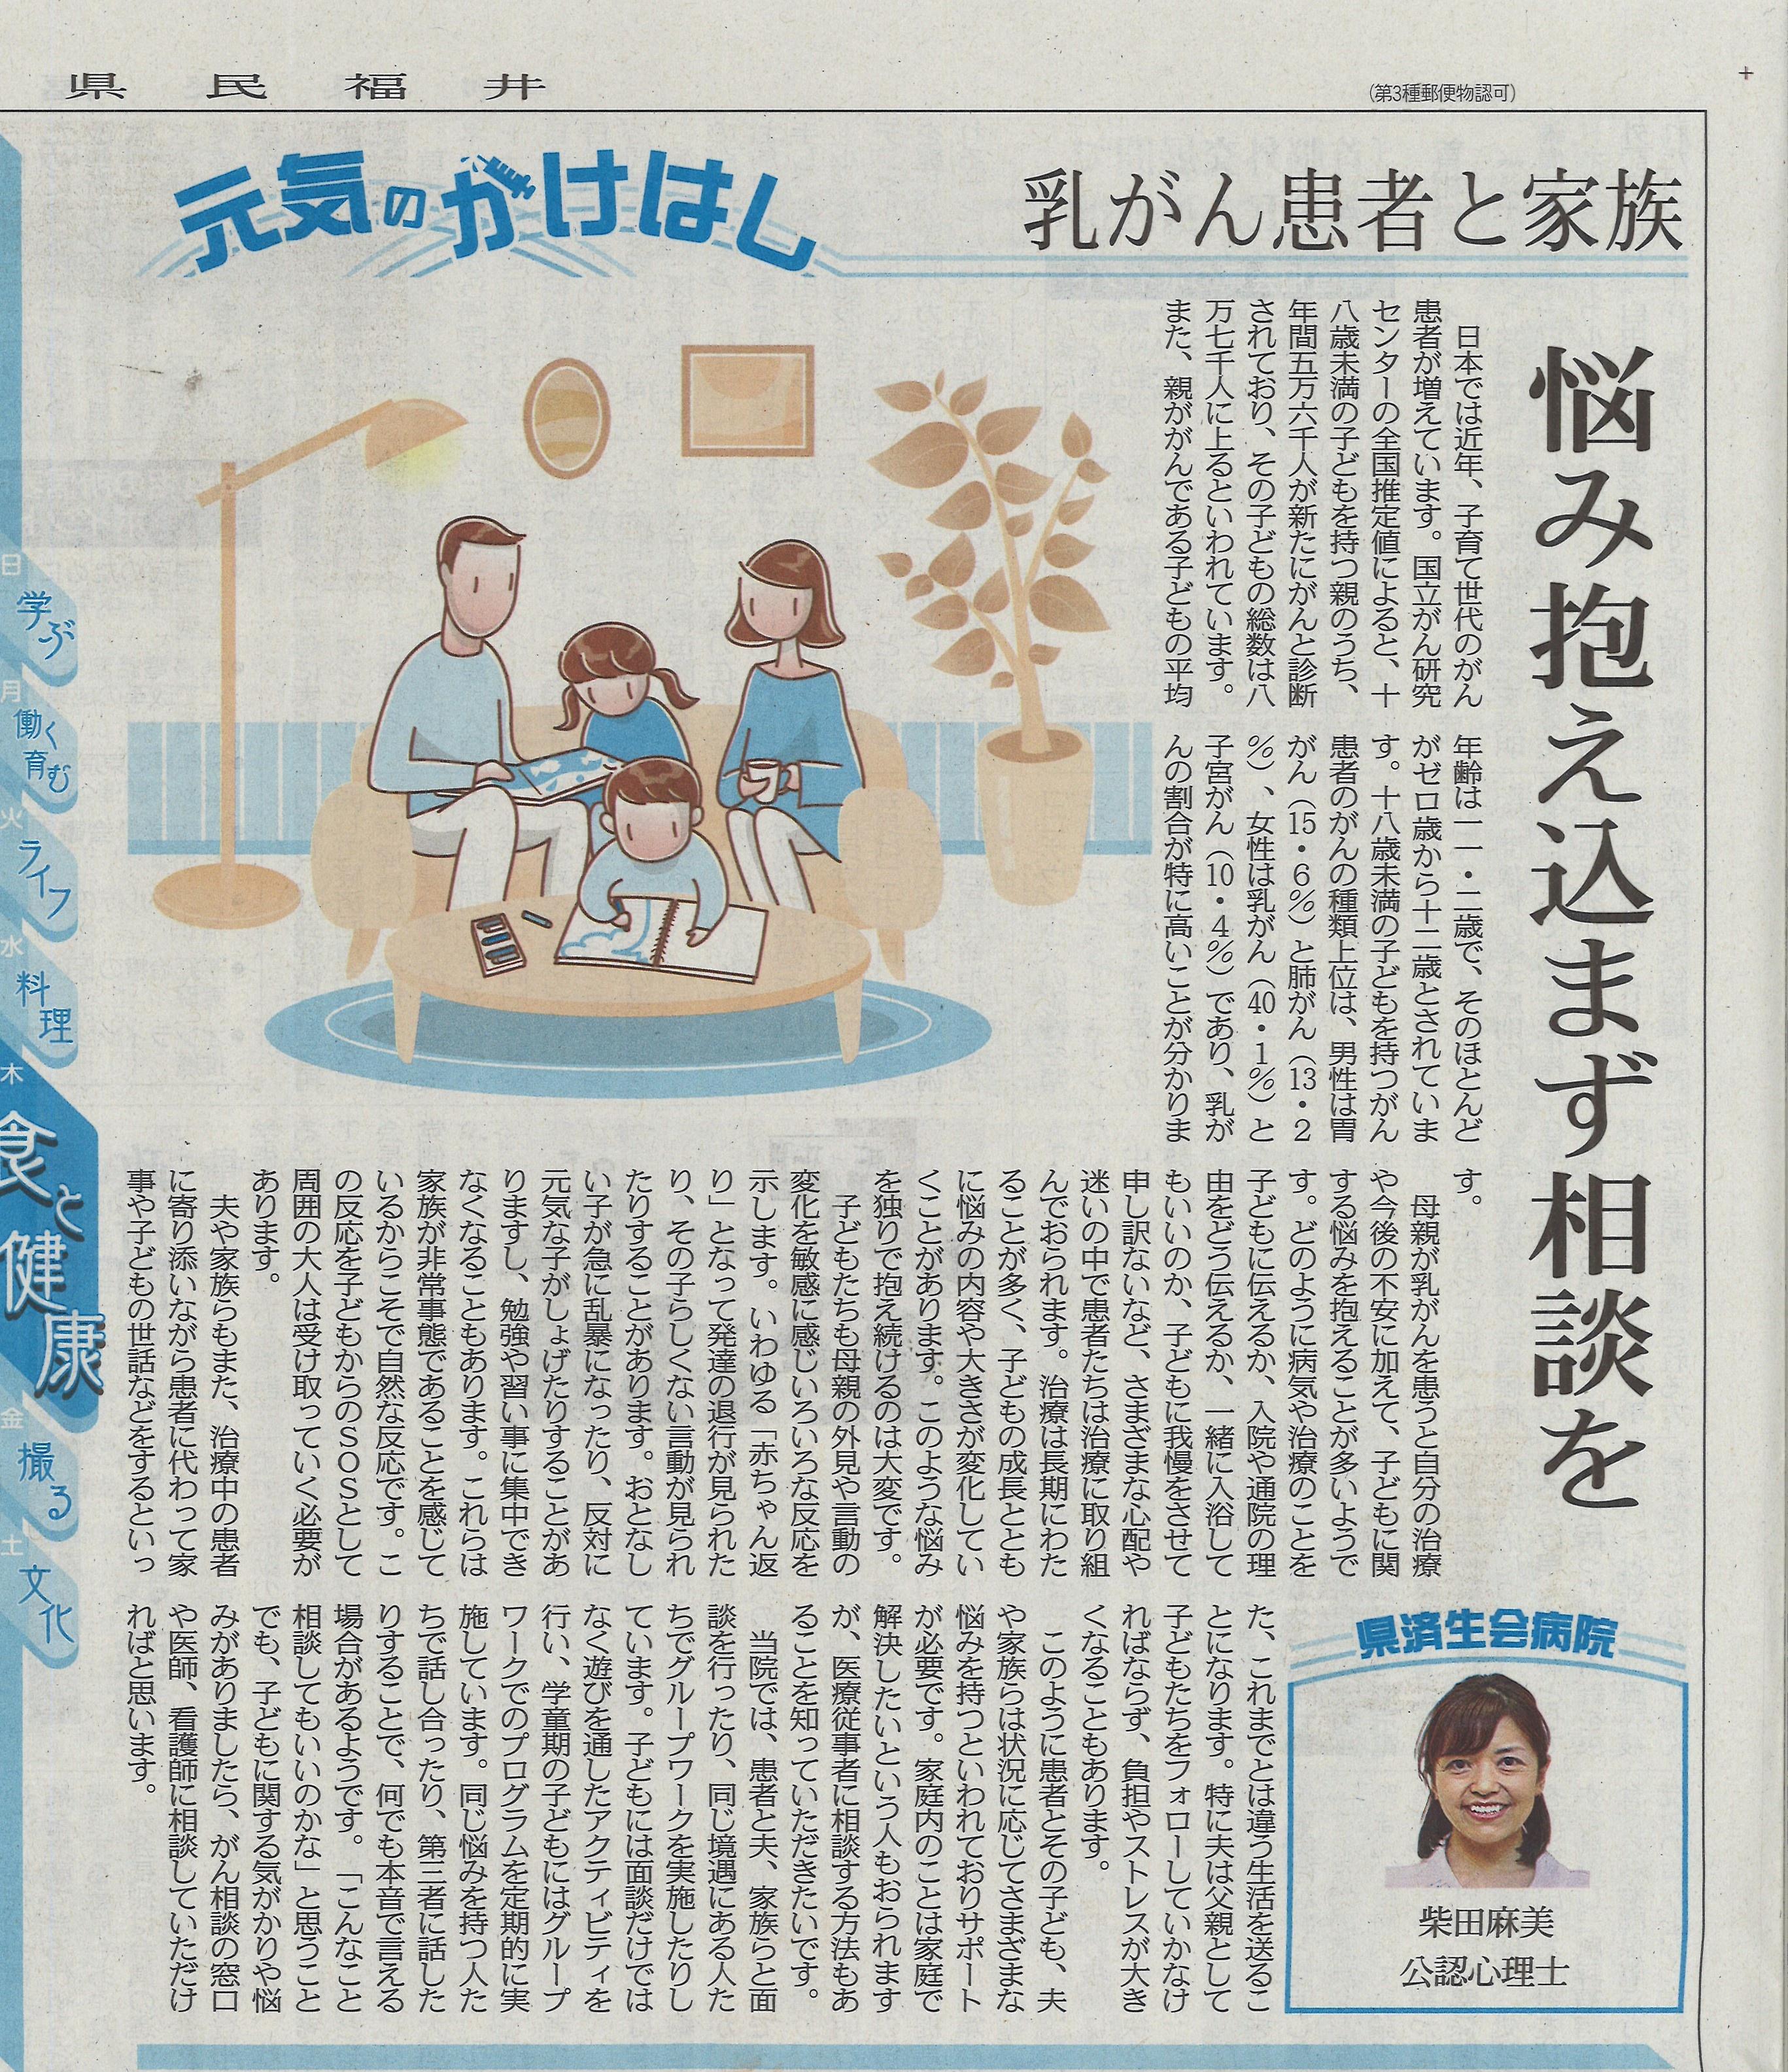 2020年10月22日 日刊県民福井